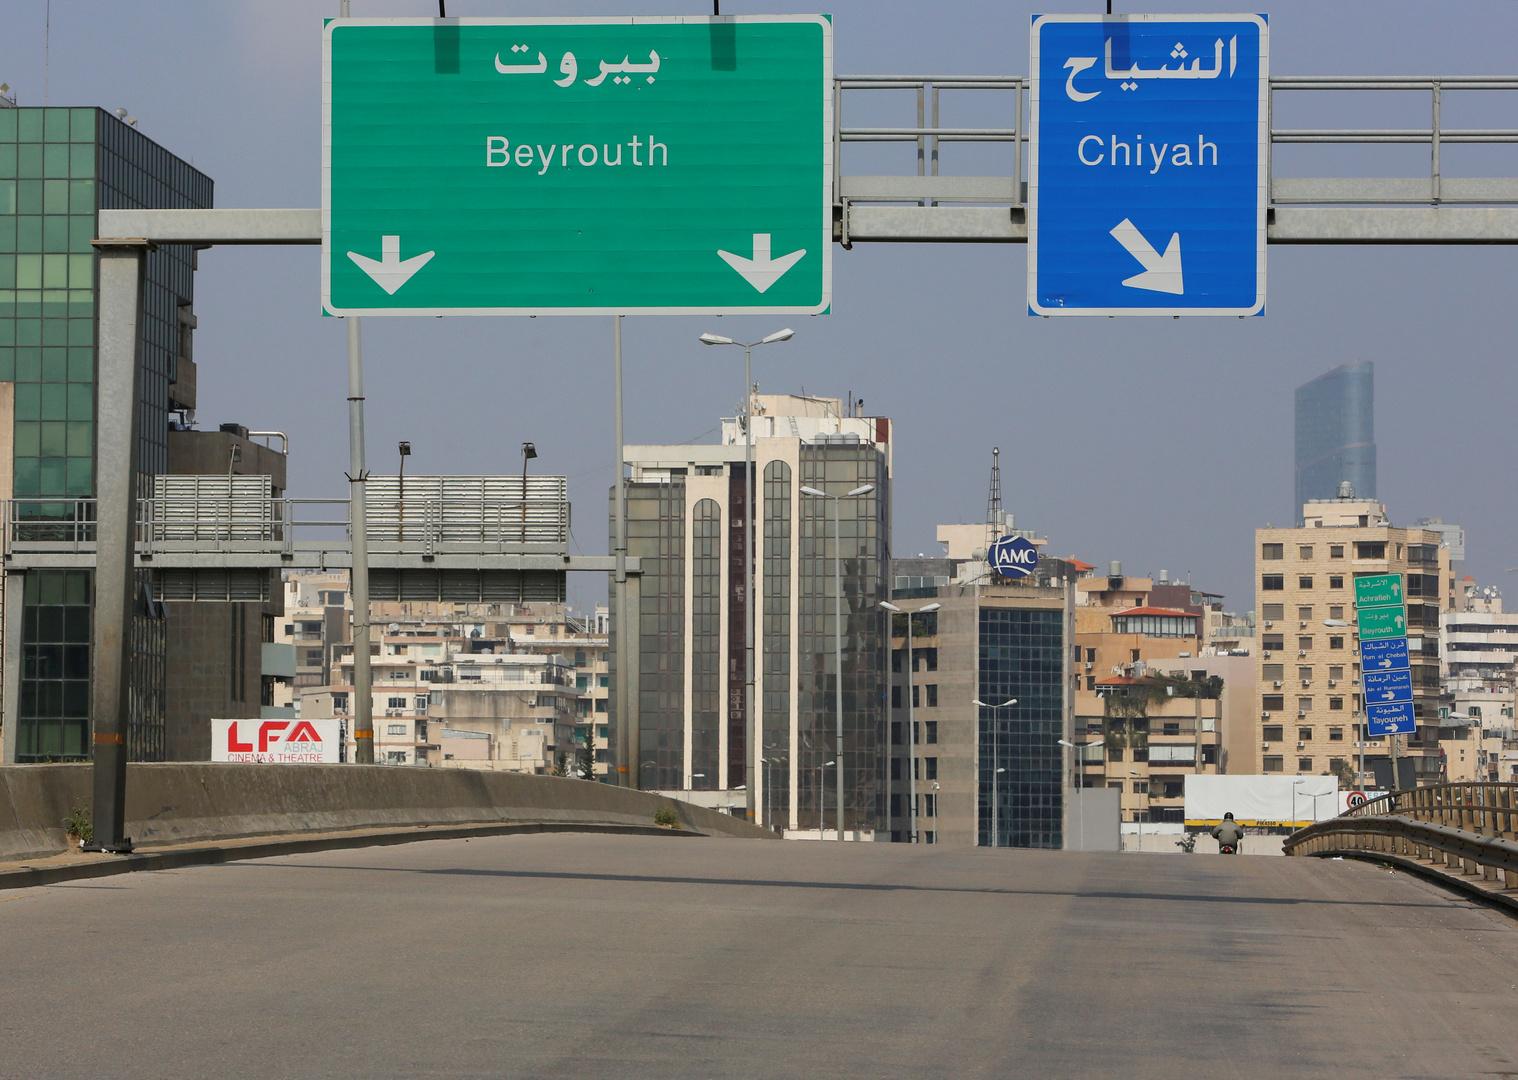 شوارع لبنان فارغة بعد إعلان خطة الطوارئ الصحية